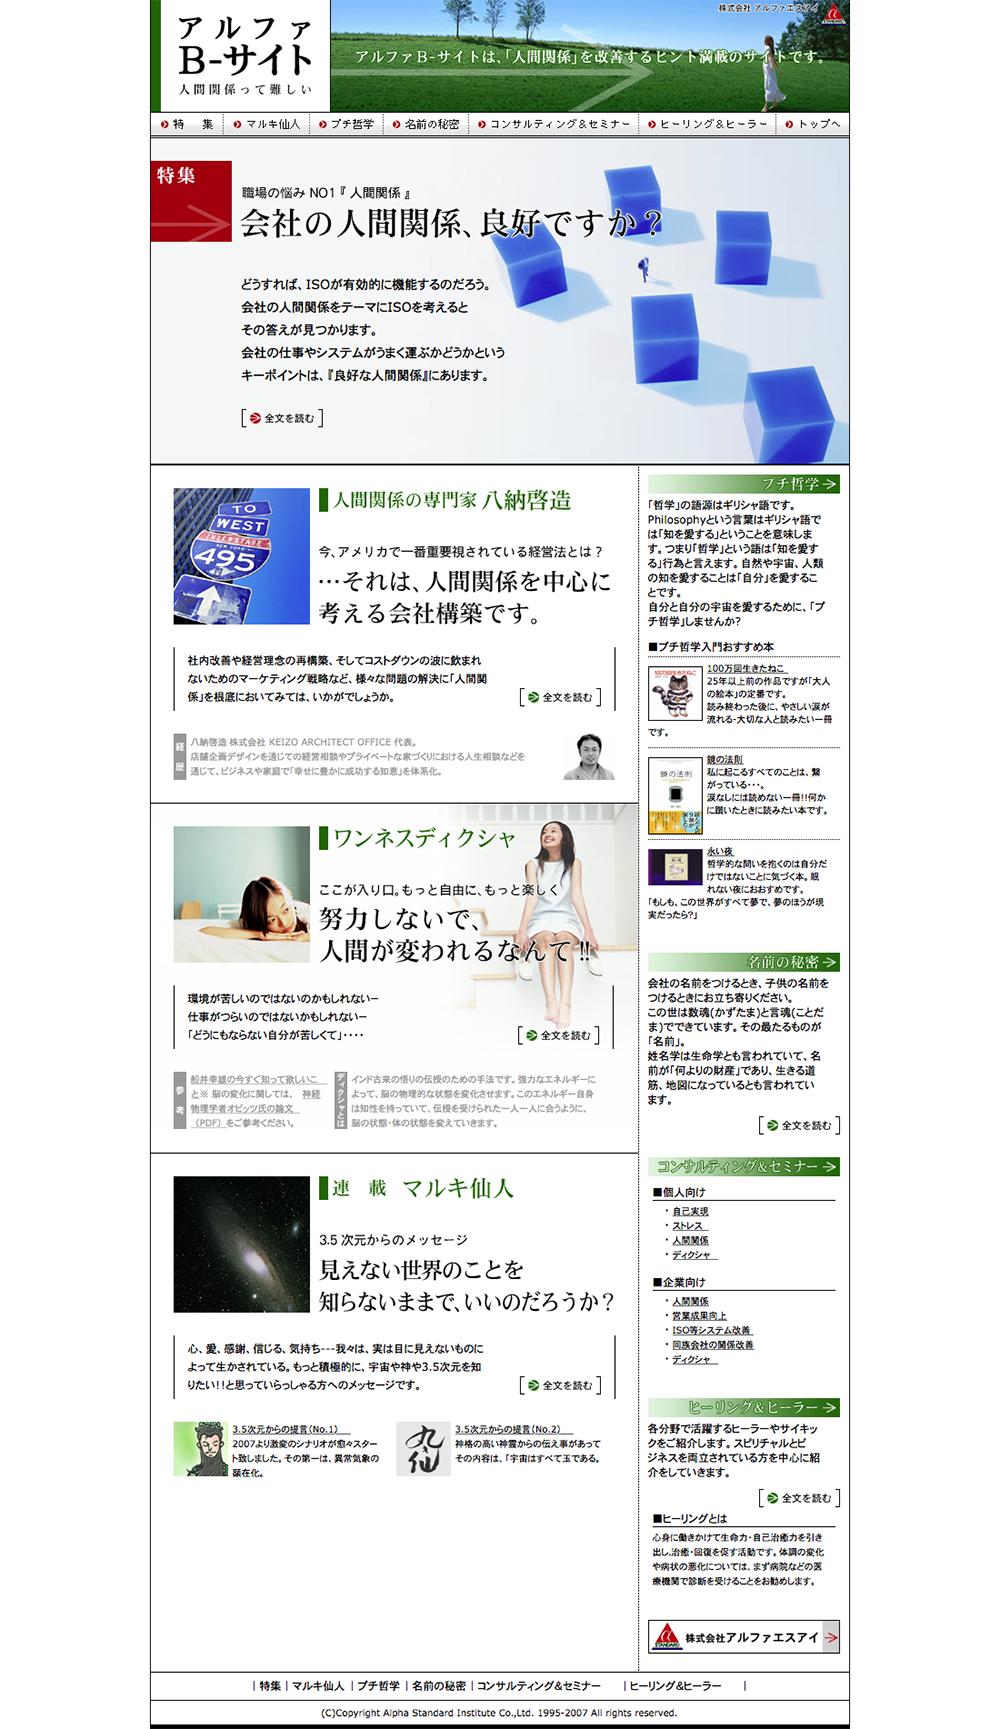 アルファB-サイト/2007